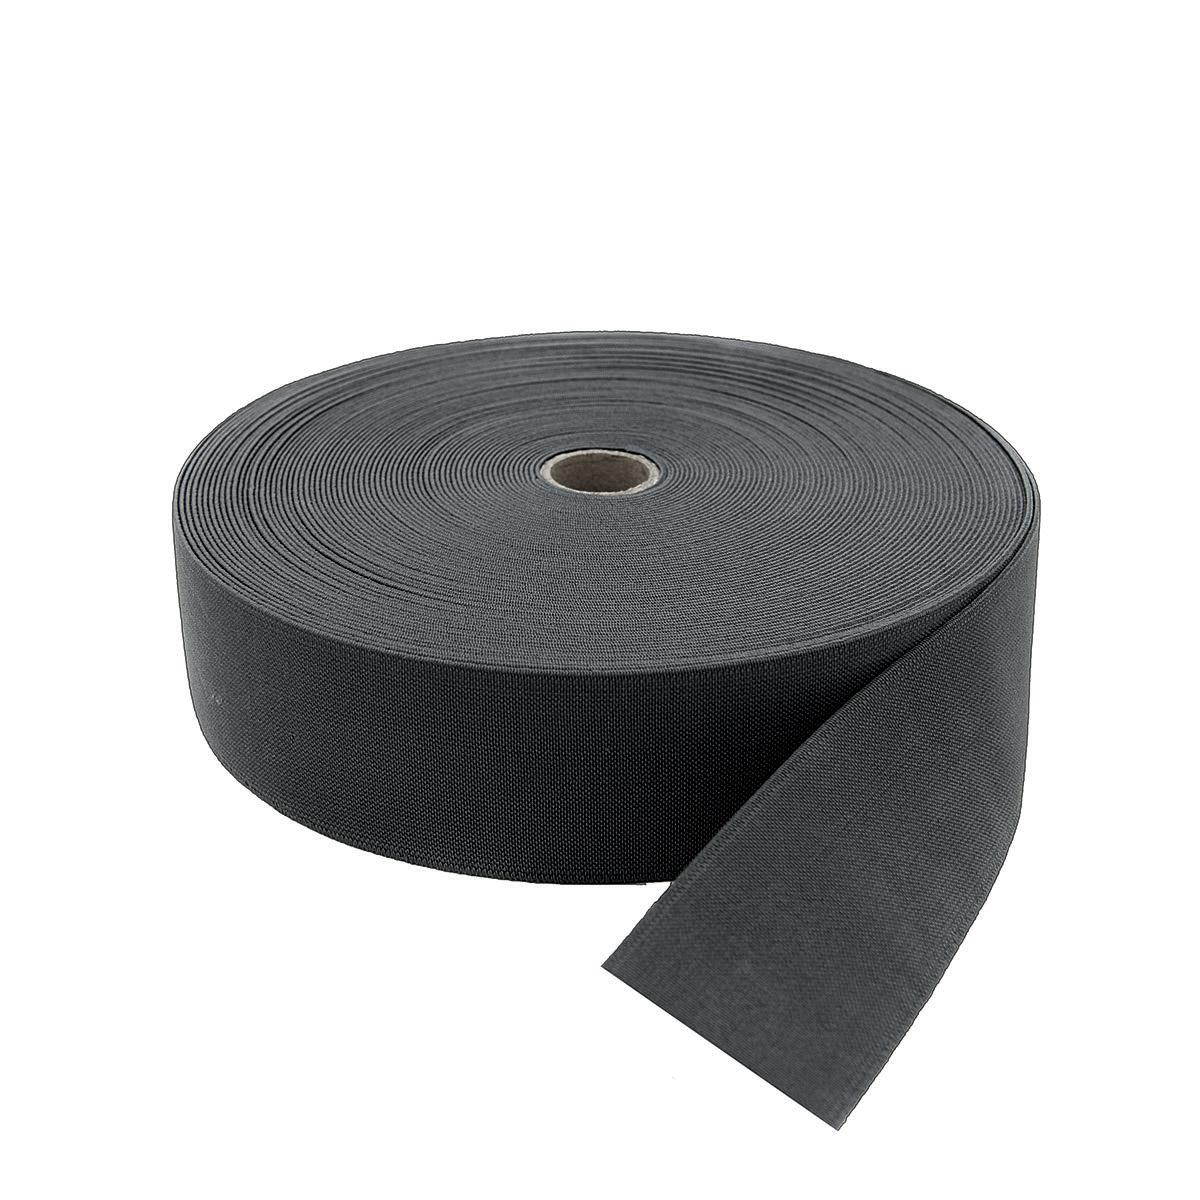 15-3849/1748 Резинка вязаная 50мм*25м т.серый ГР